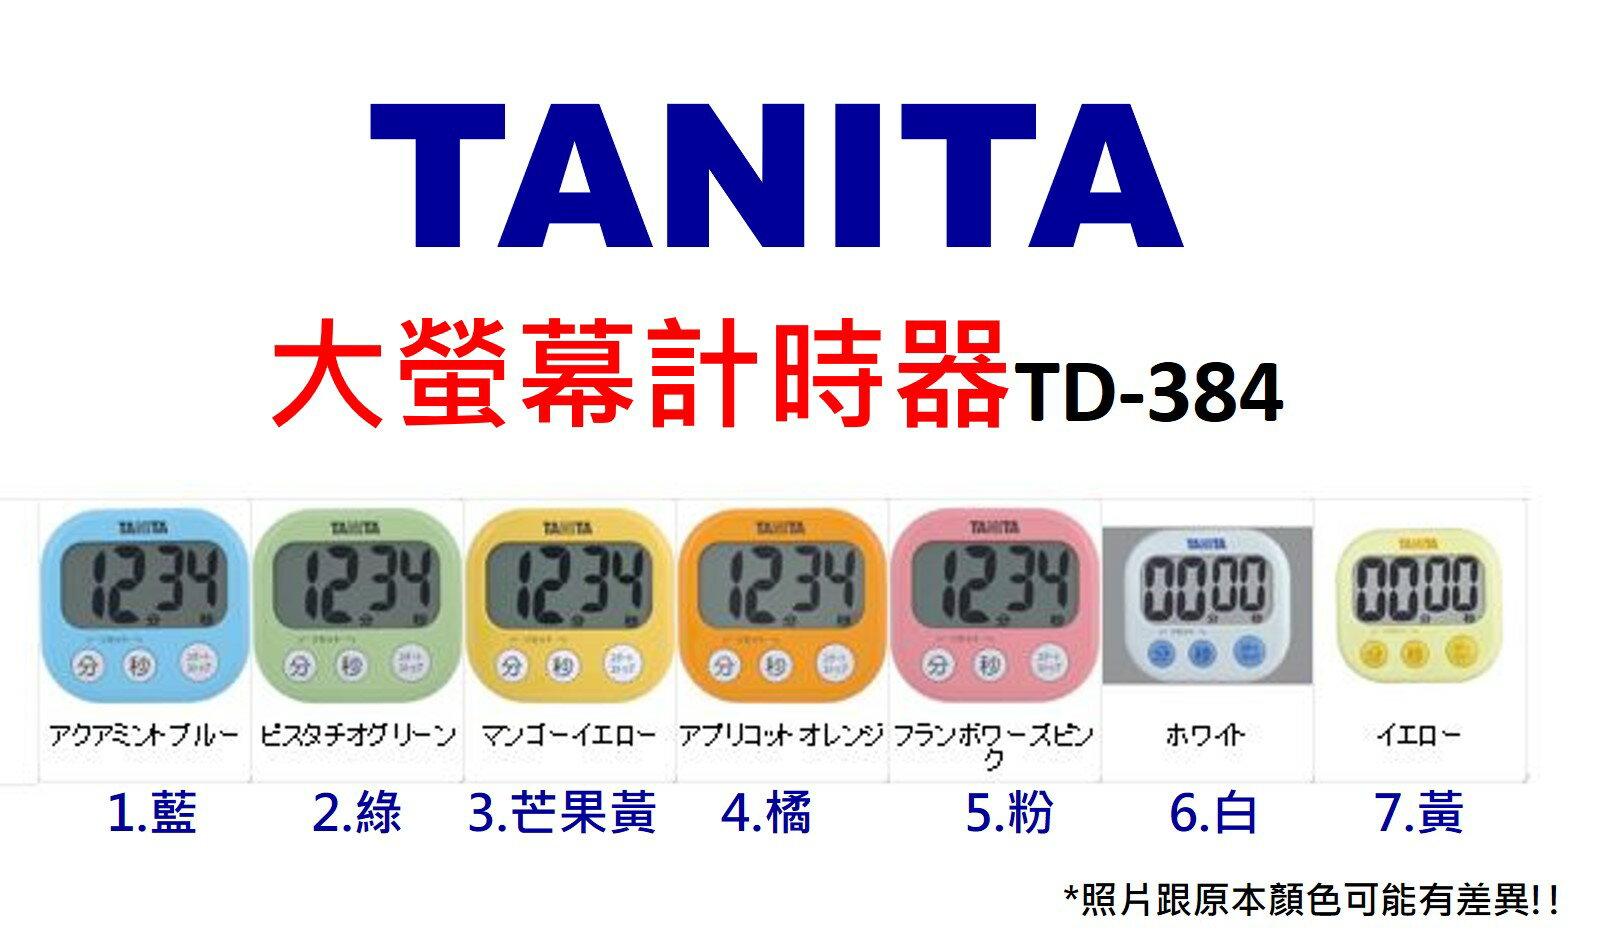 現貨 日本TANITA 大螢幕計時器 TD-384(七種顏色喔!!)